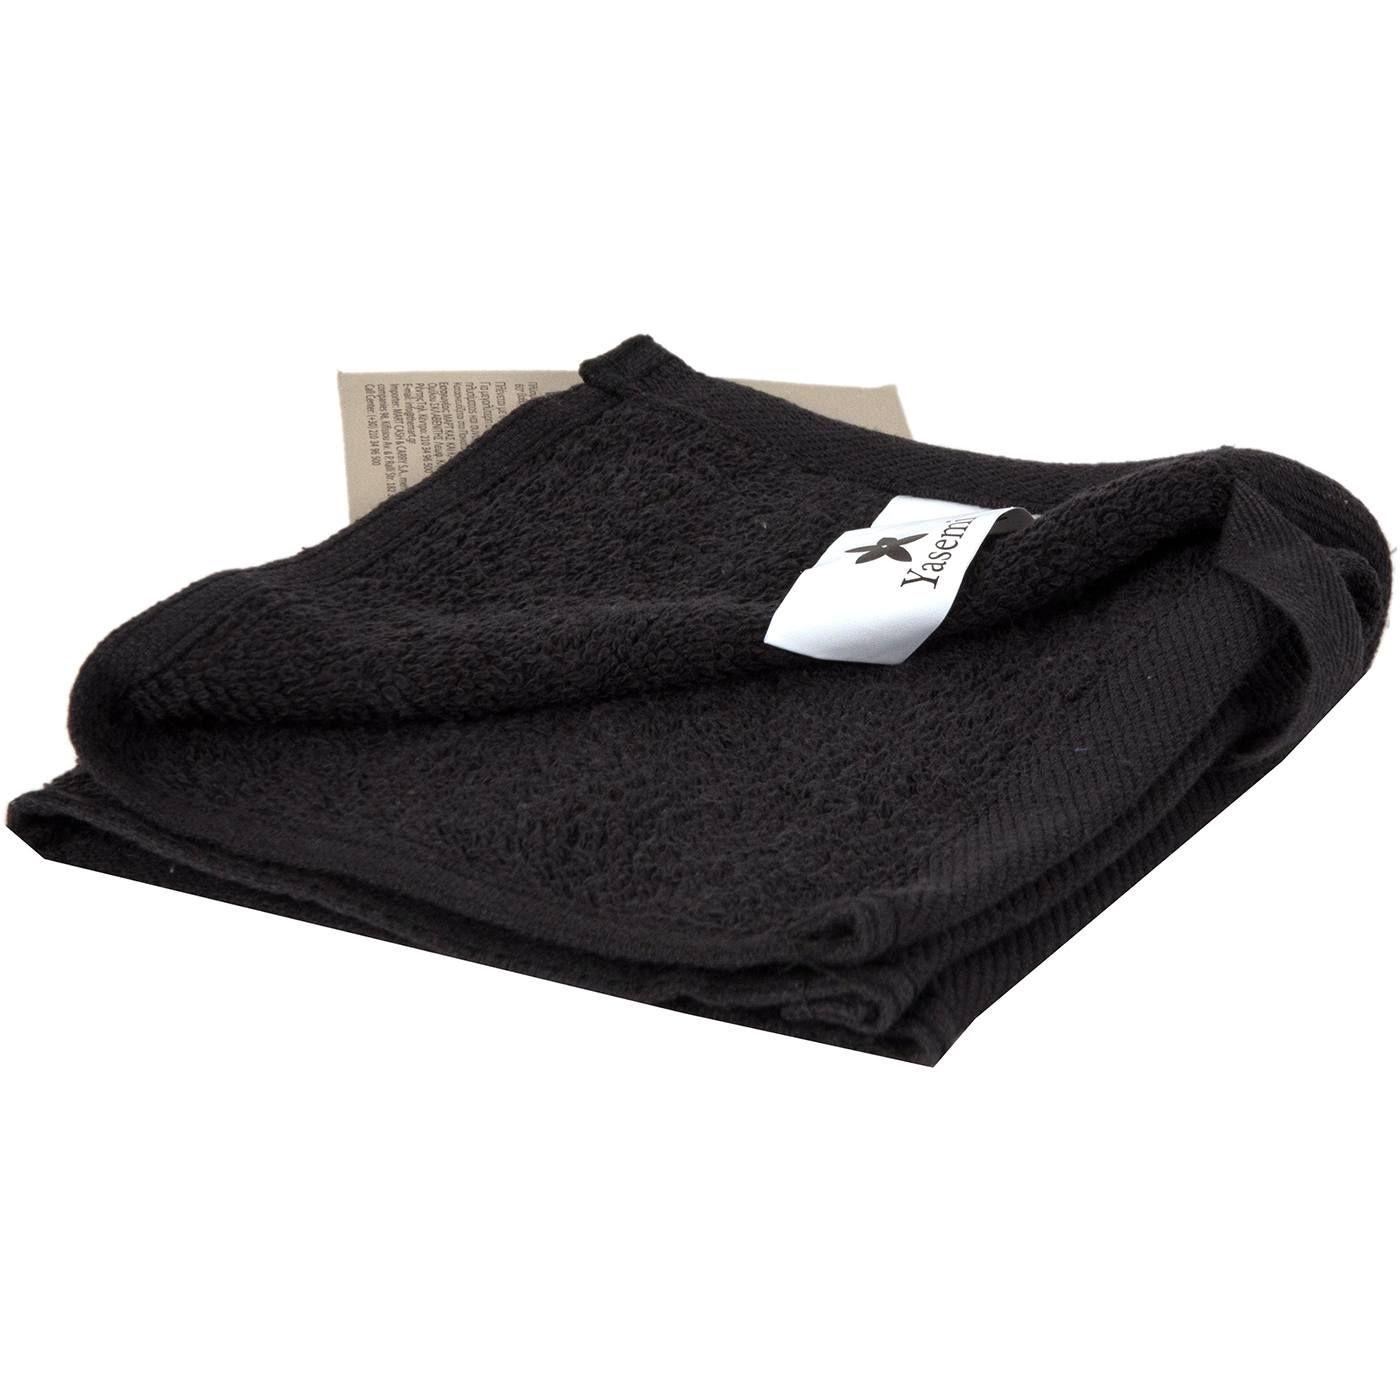 Πετσέτα YASEMI λαβέτα 100% βαμβακερή μαύρη 30x30cm  e635b099943